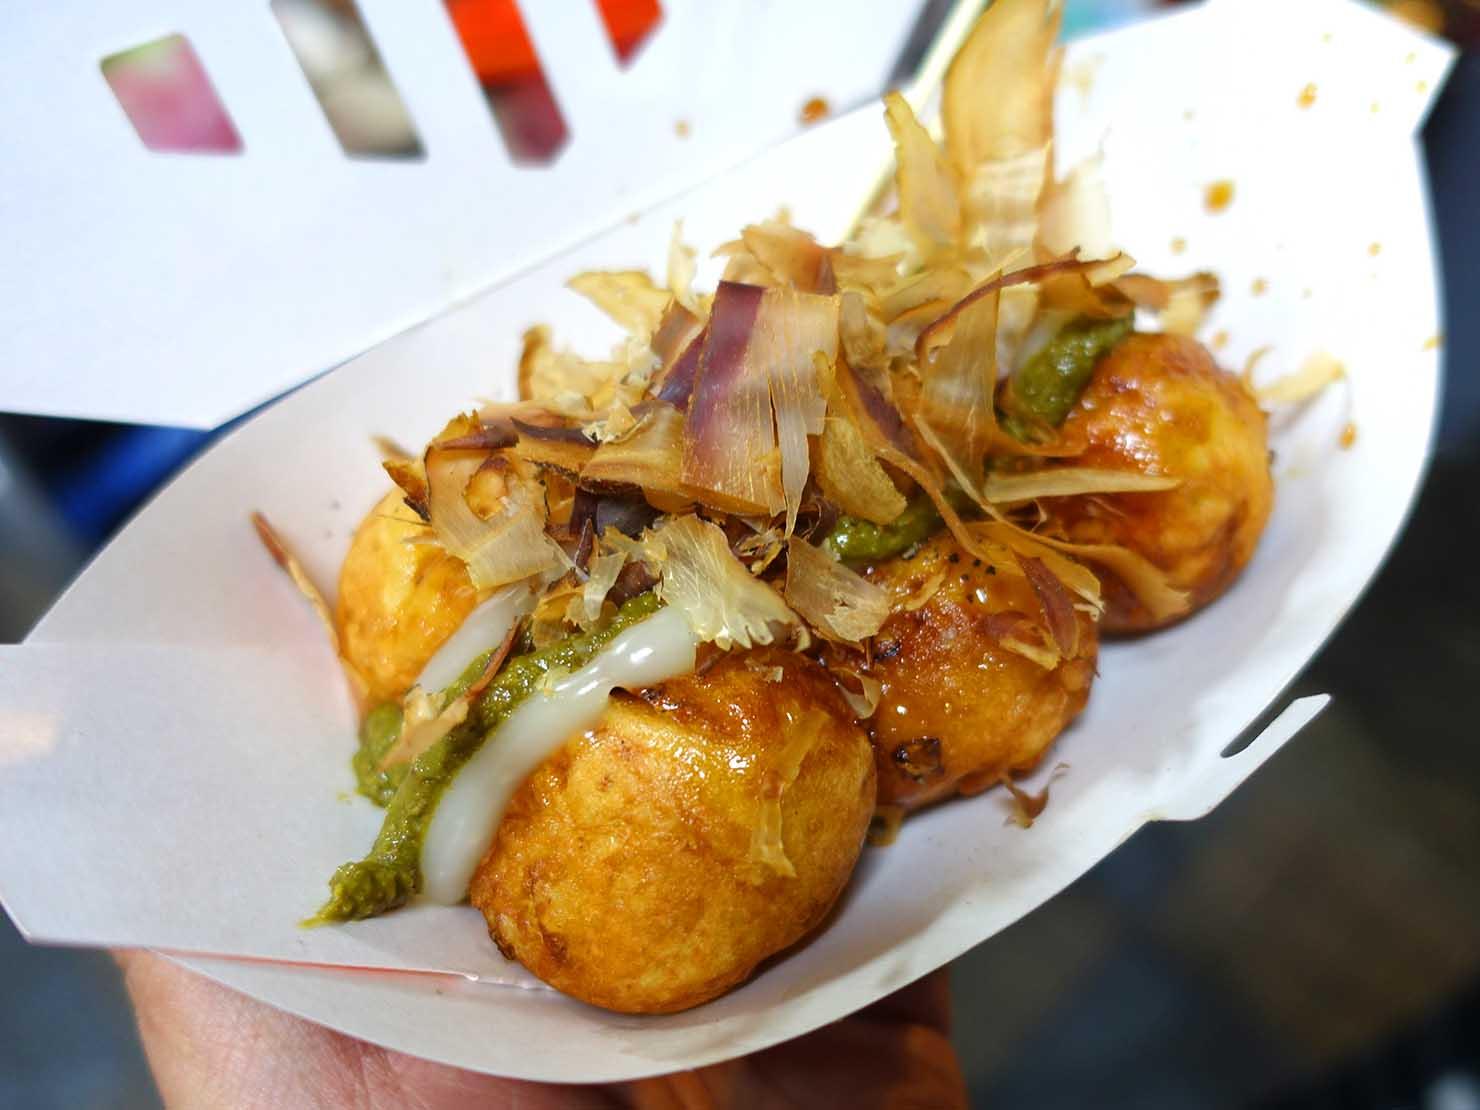 台湾の夜市で食べられる日本グルメ「章魚燒(たこ焼き)」のわさびたっぷりたこ焼き